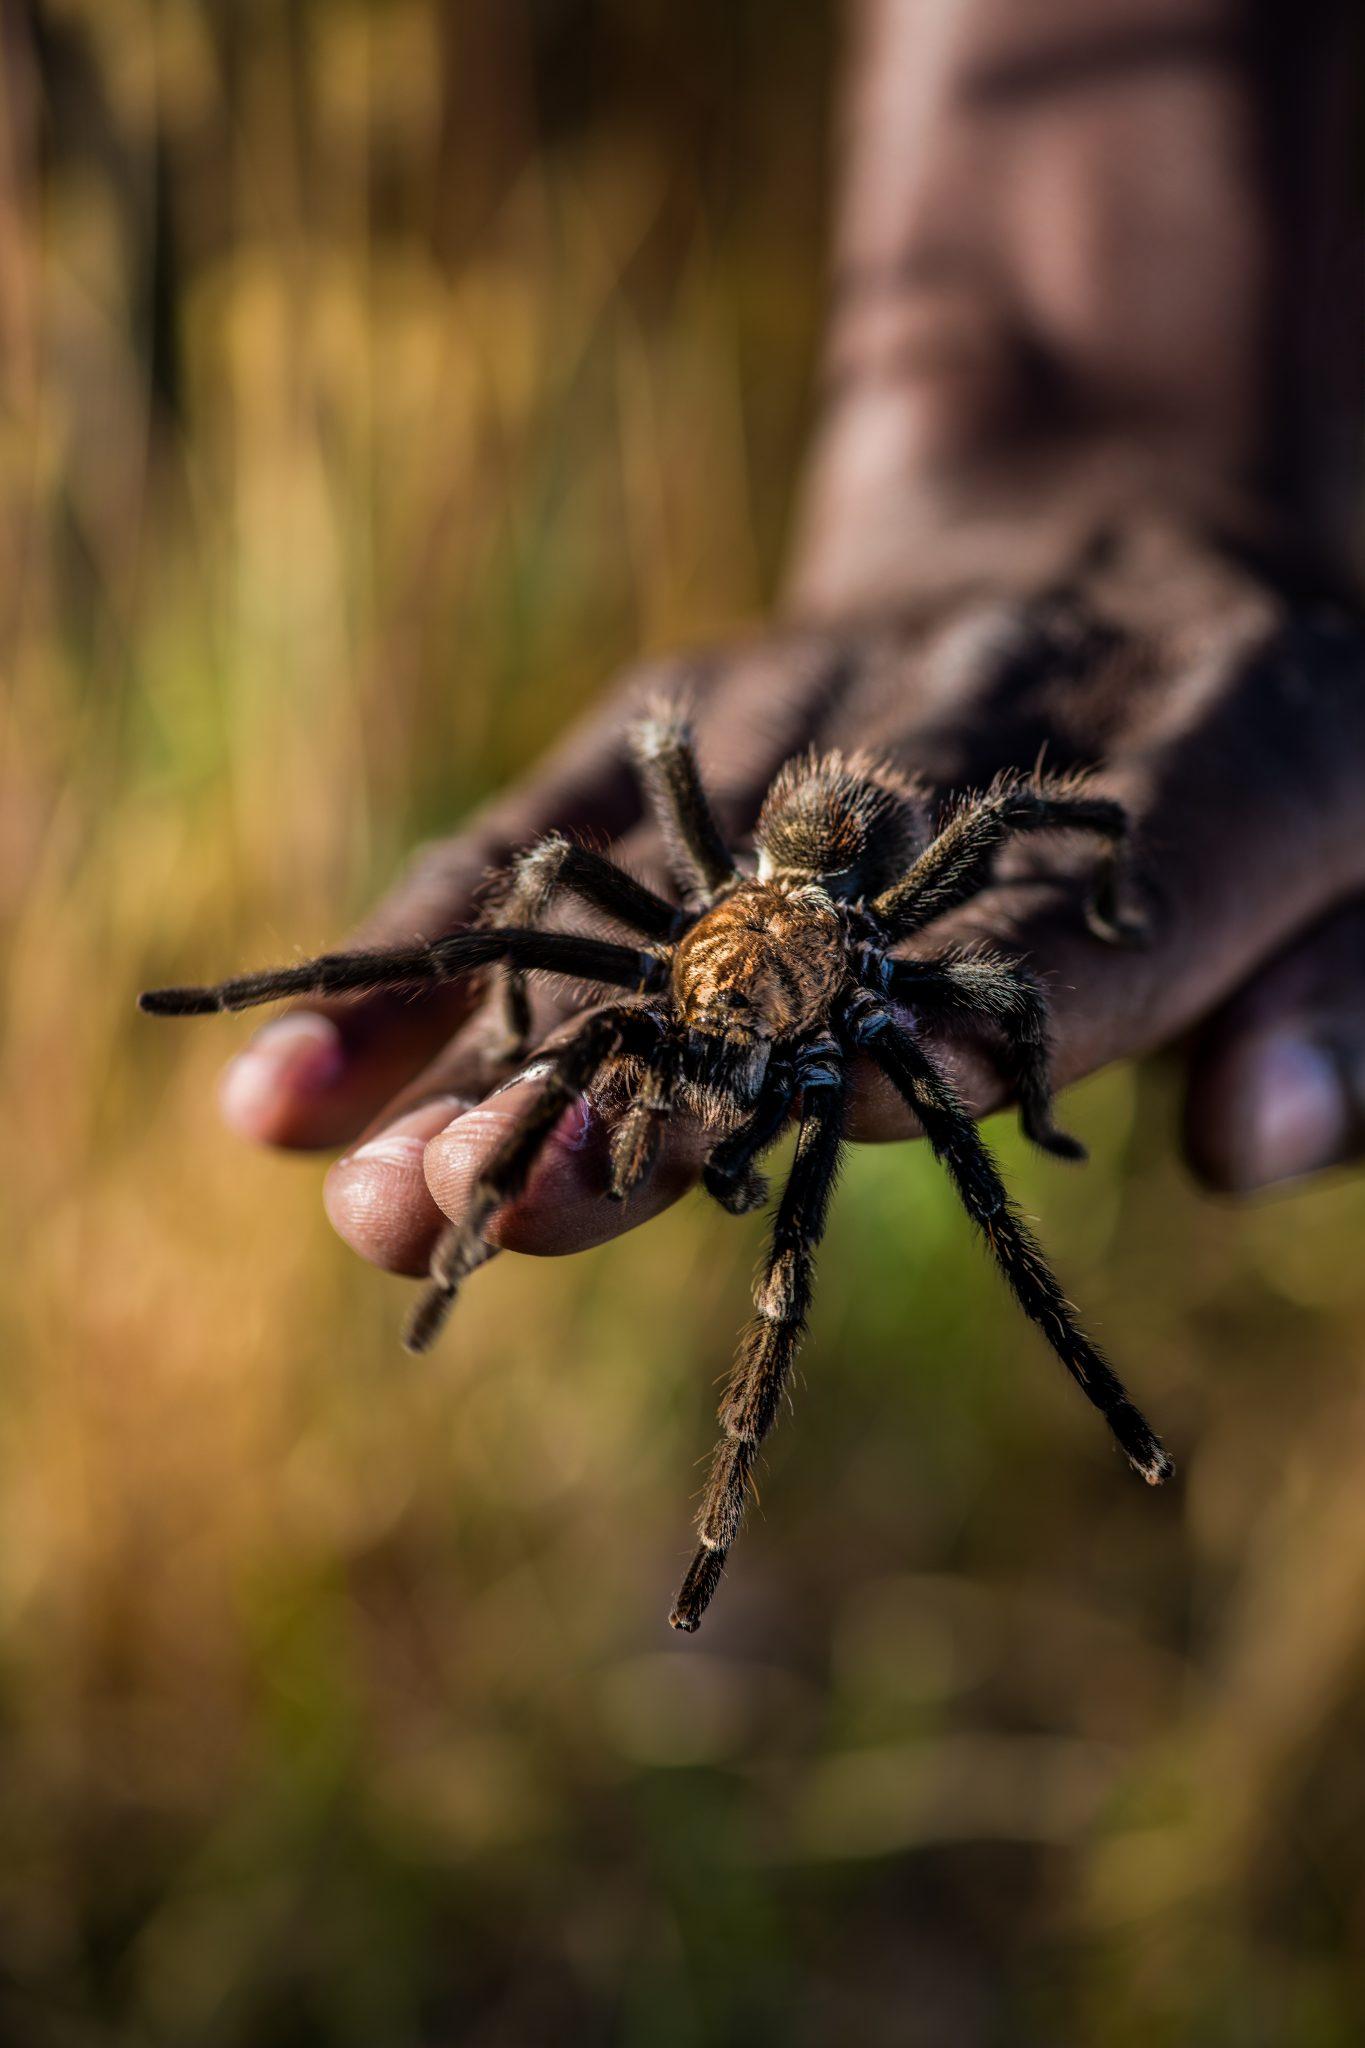 A tarantula crawls down a hand